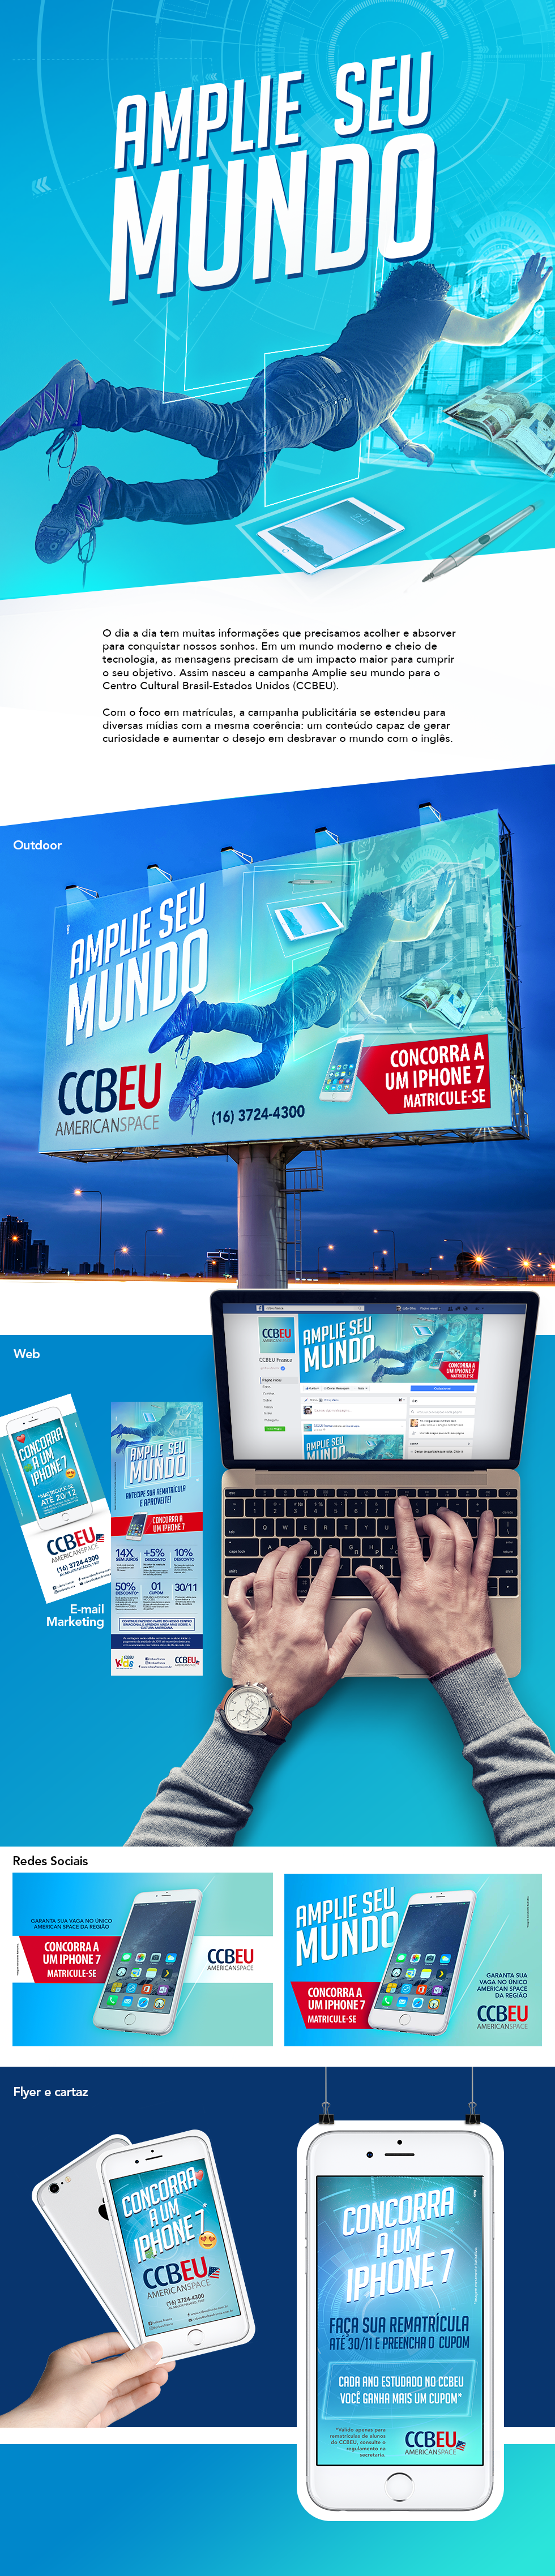 Campanha Amplie seu mundo | CCBEU